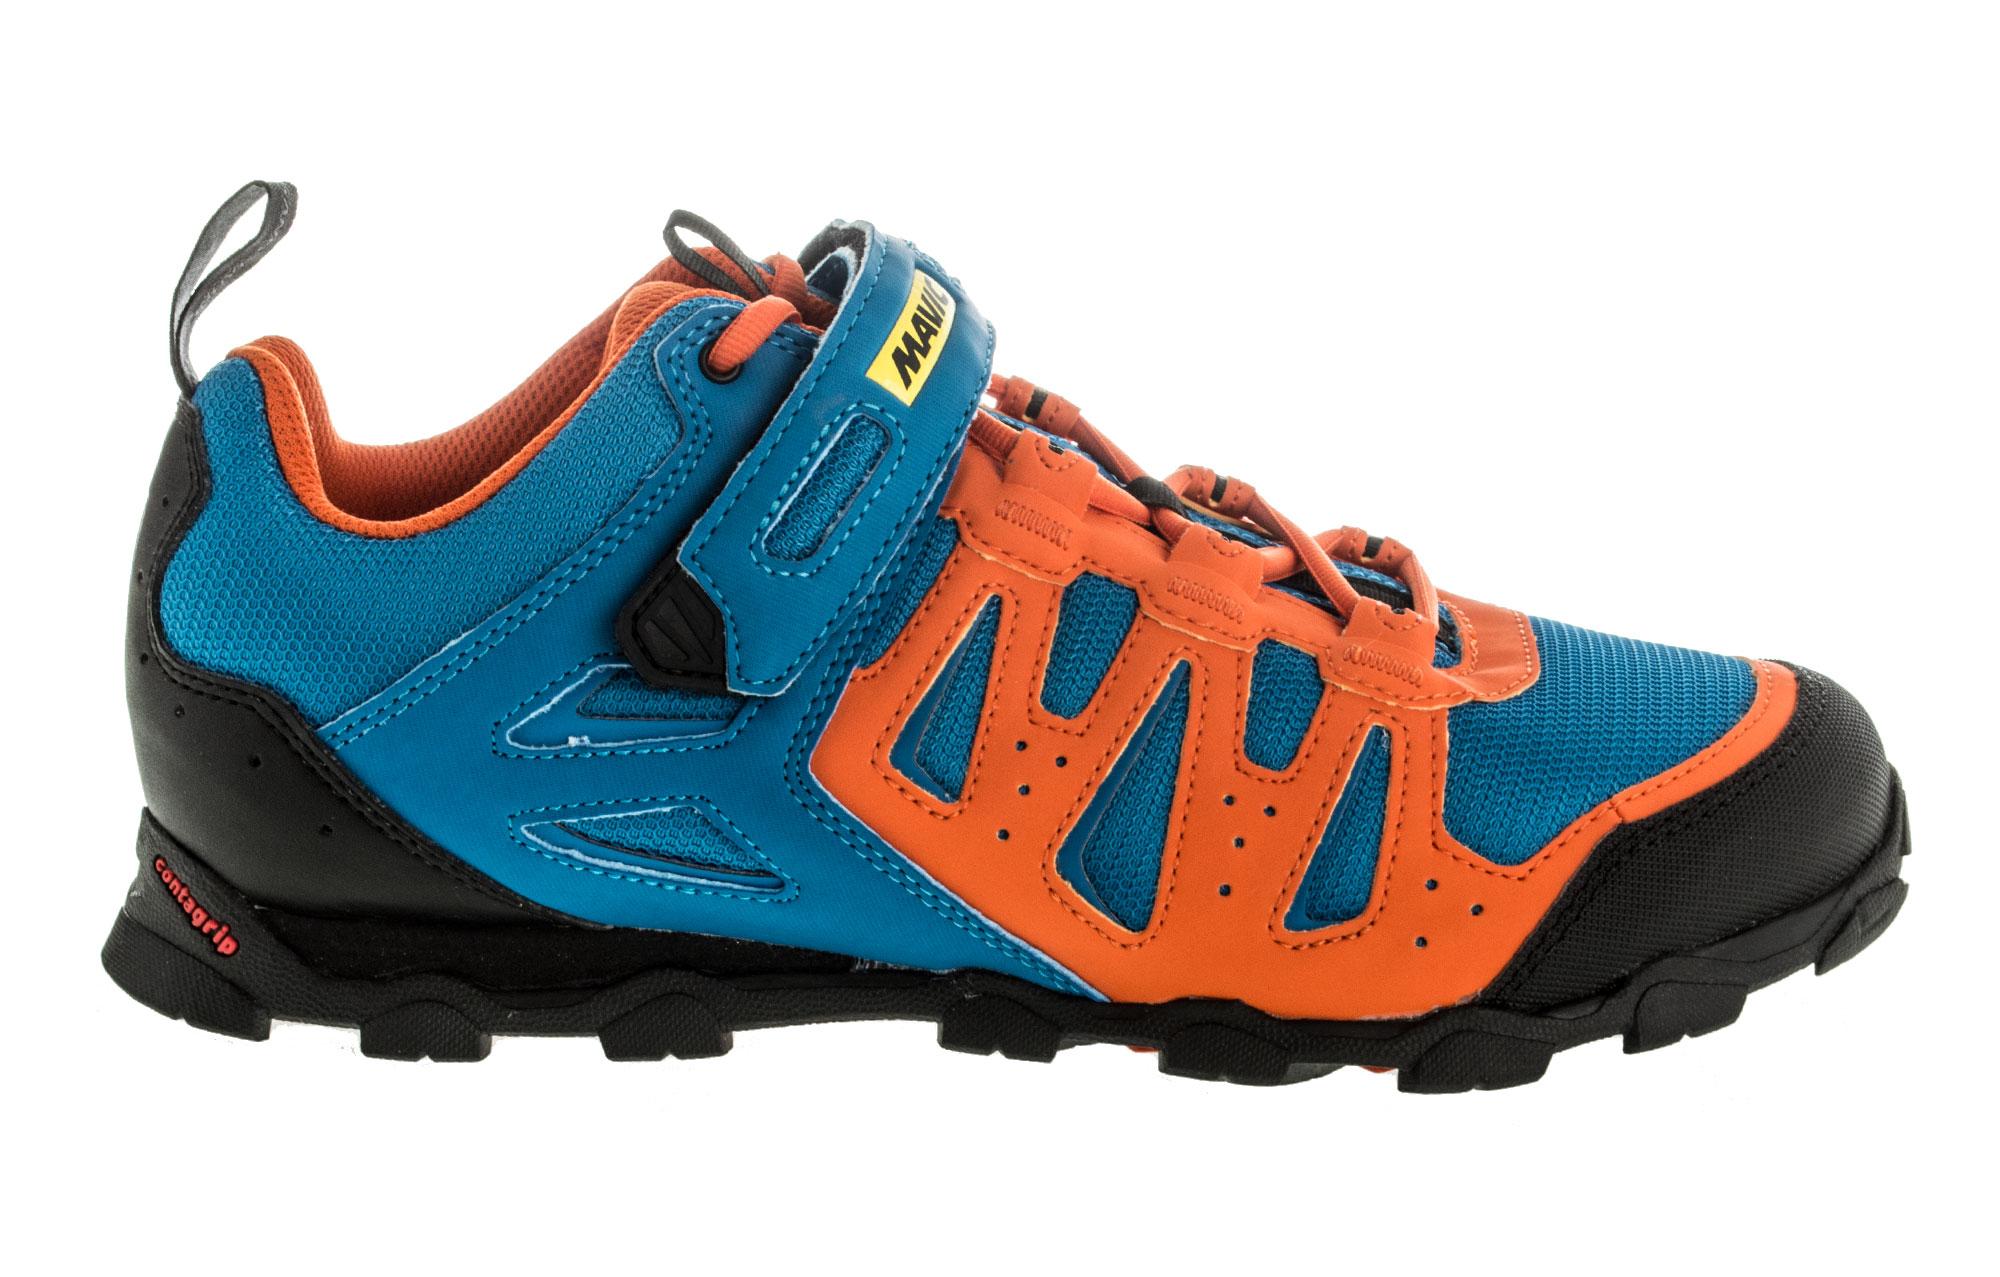 chaussures vtt mavic crossride elite 2016 bleu orange. Black Bedroom Furniture Sets. Home Design Ideas